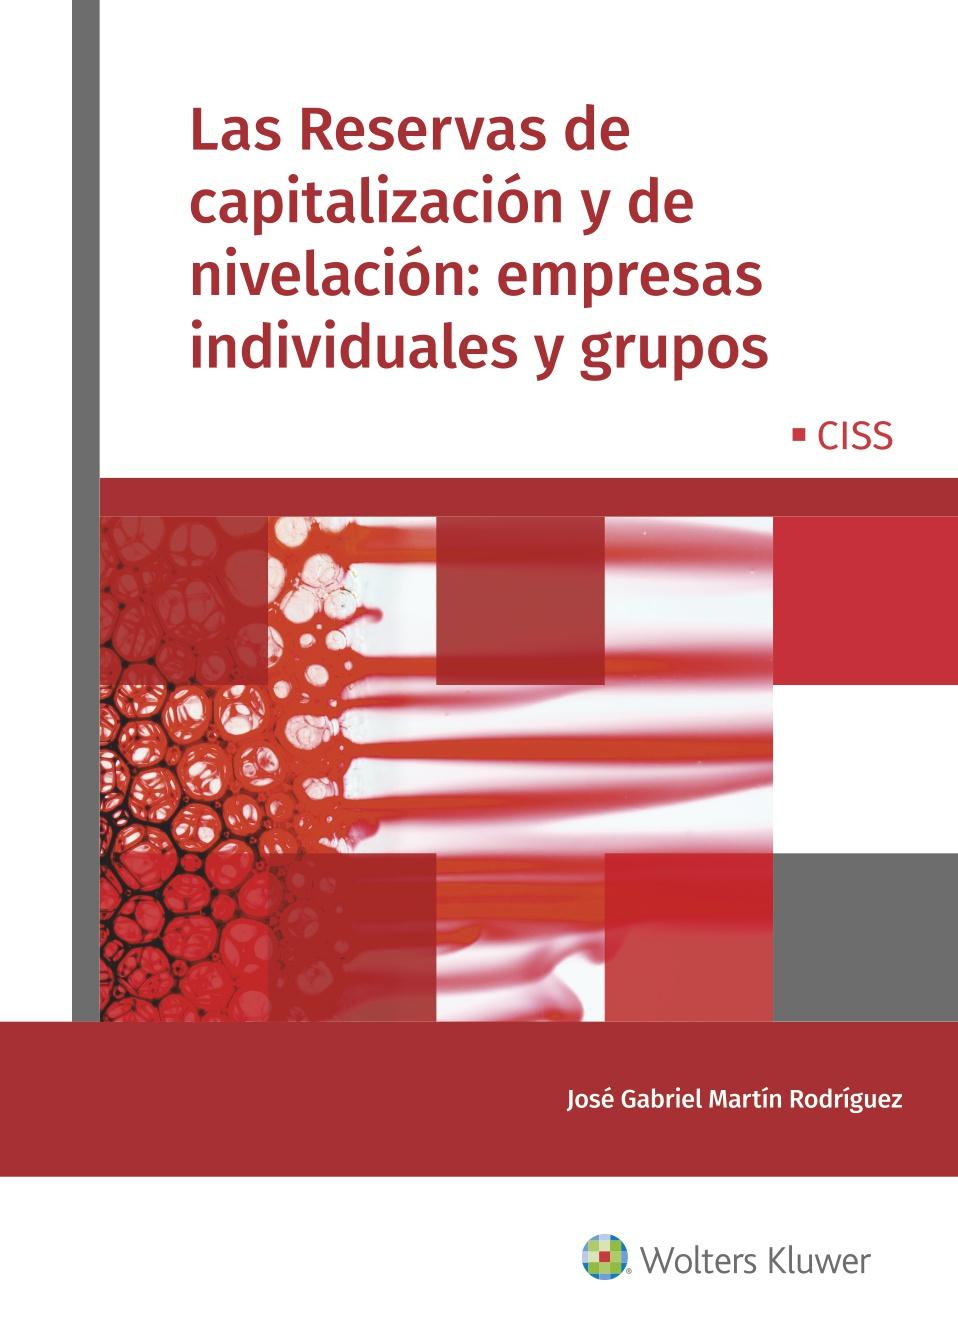 Las Reservas de capitalización y de nivelación: empresas individuales y grupos